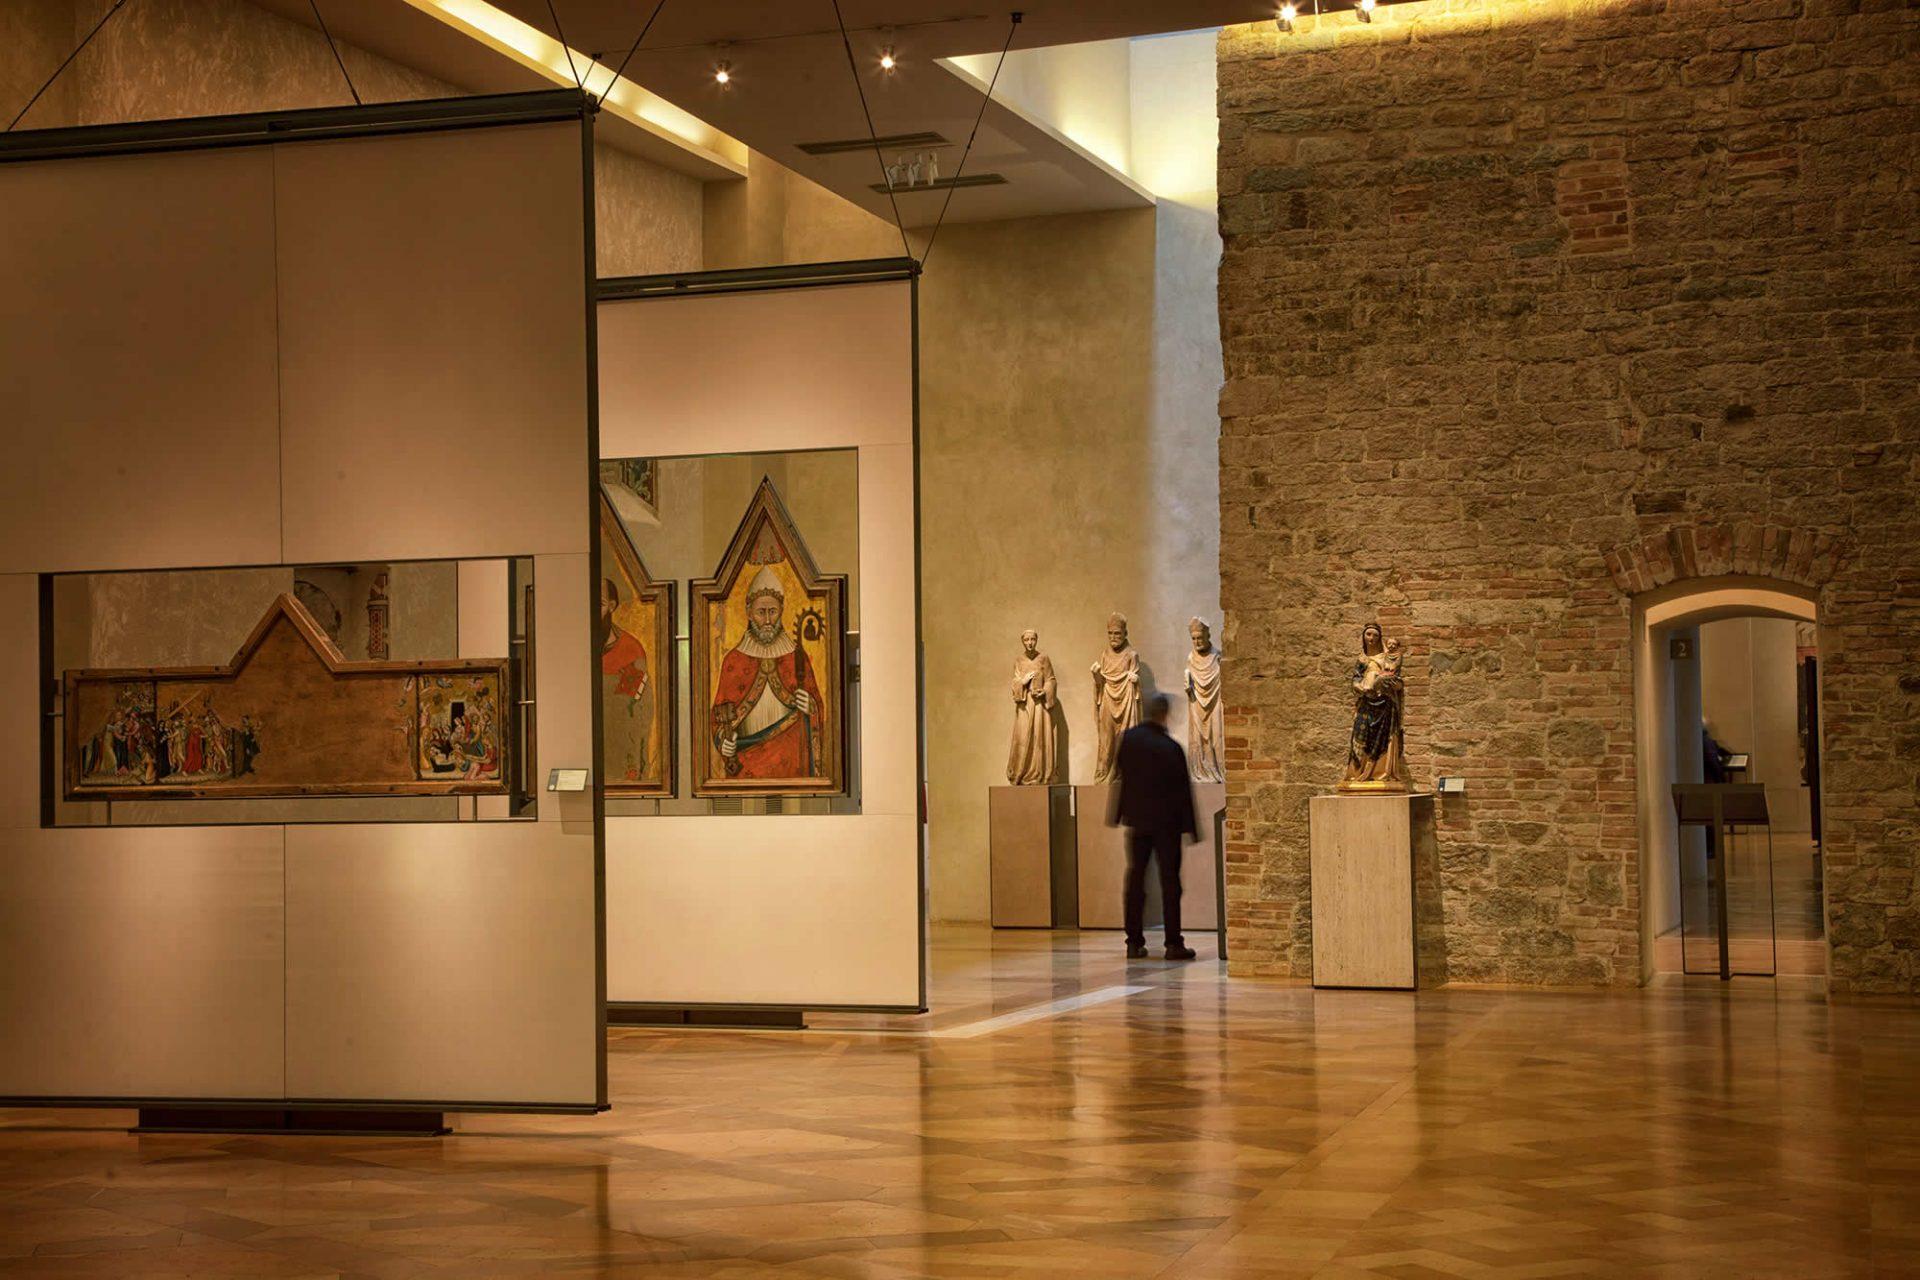 Mostra monografica alla Gnu dedicata a Taddeo di Bartolo ...